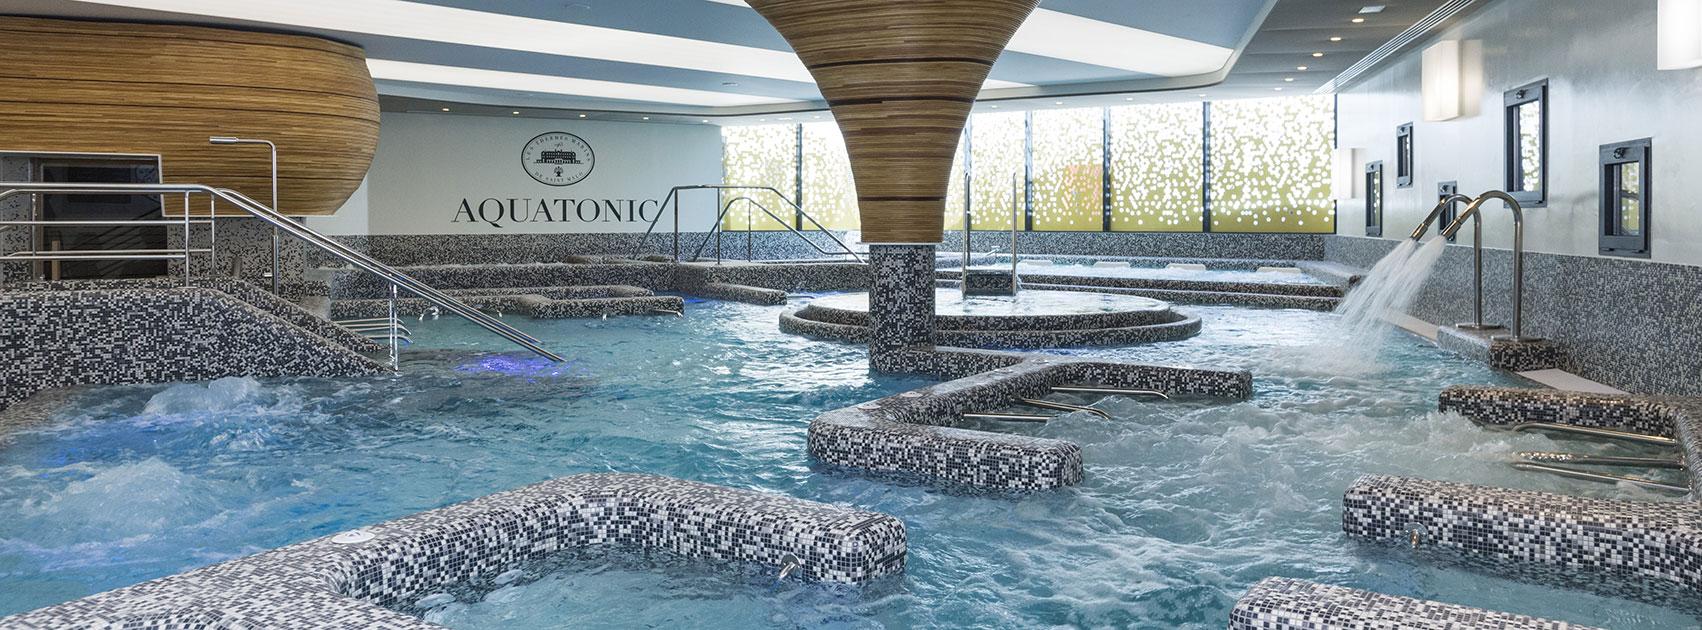 Aquatonic_Nantes